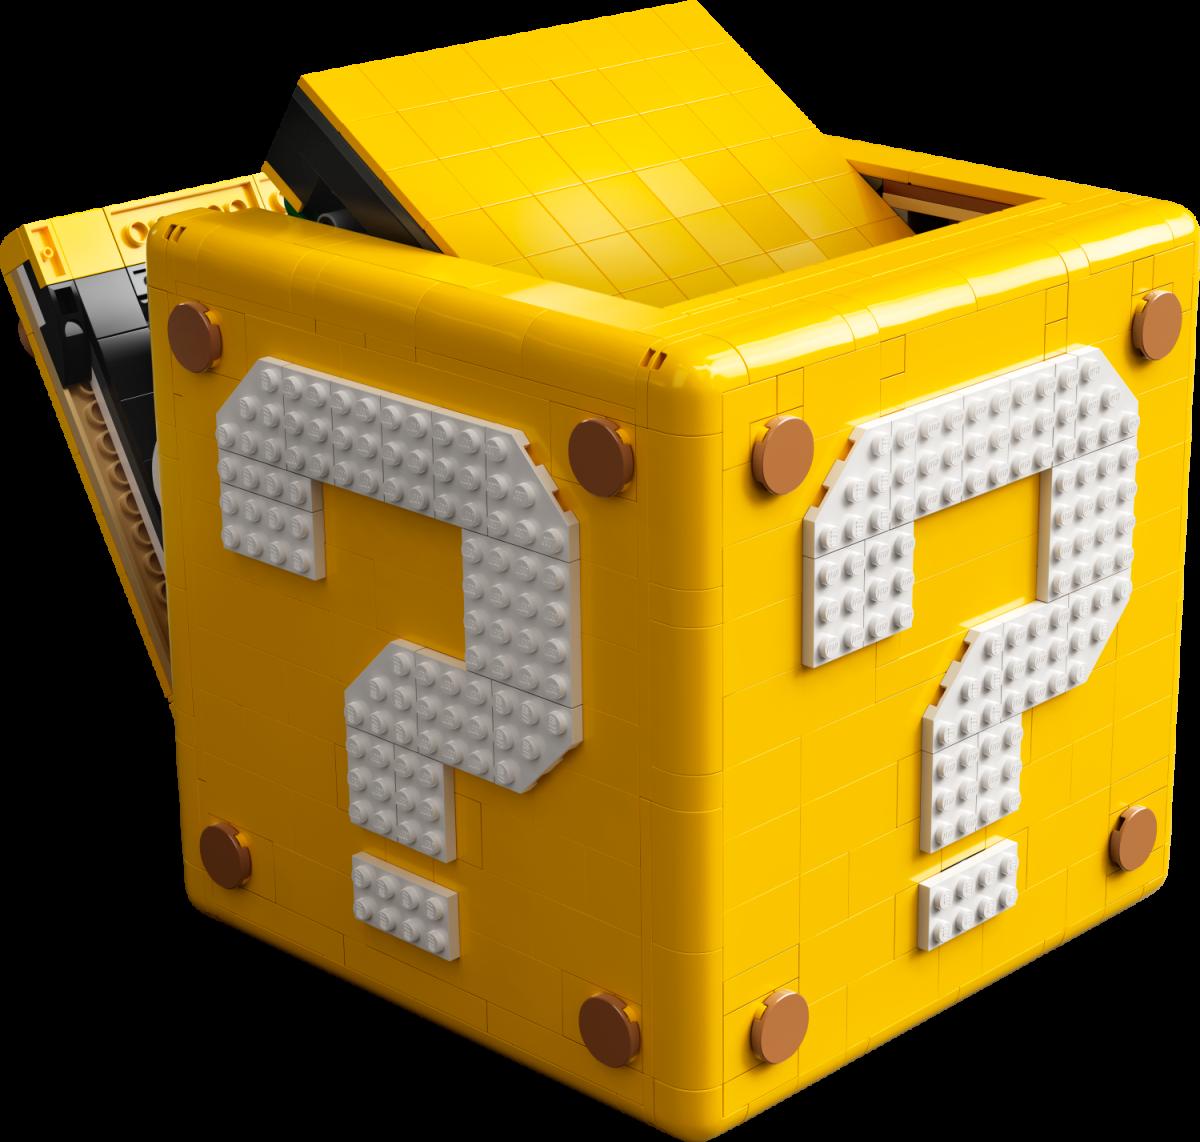 lego-super-mario-question-block-11.png